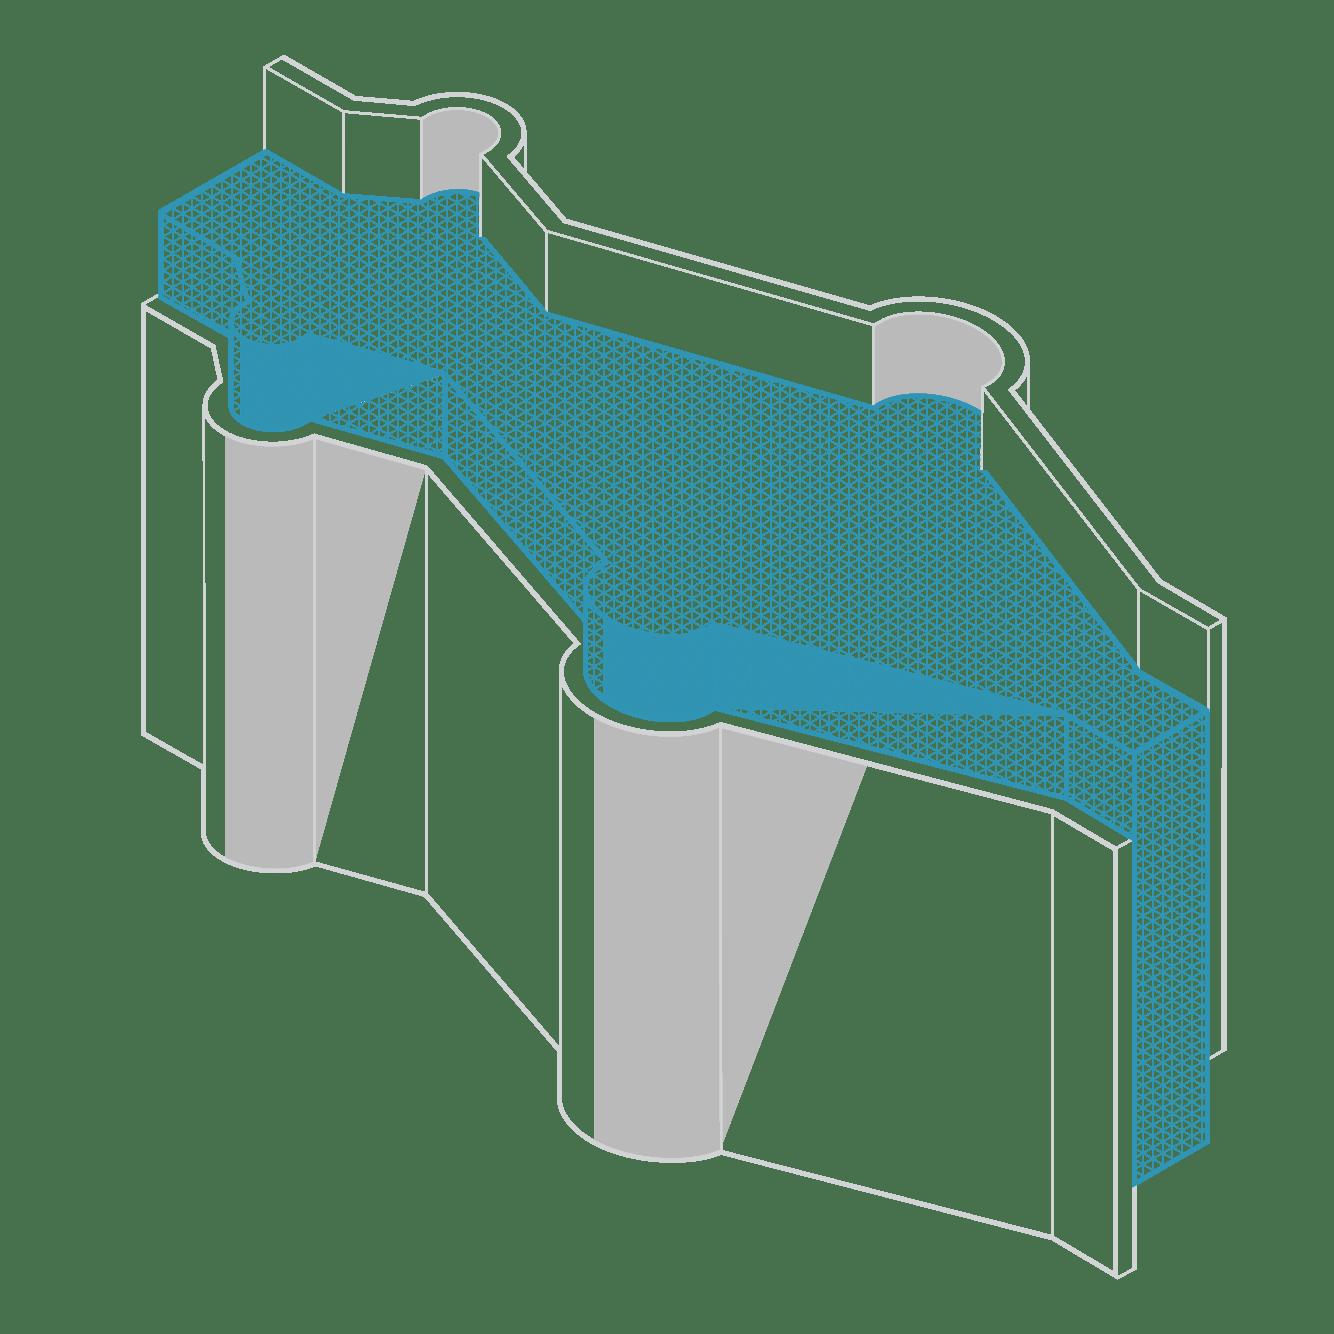 Uma estrutura elegante e eficiente